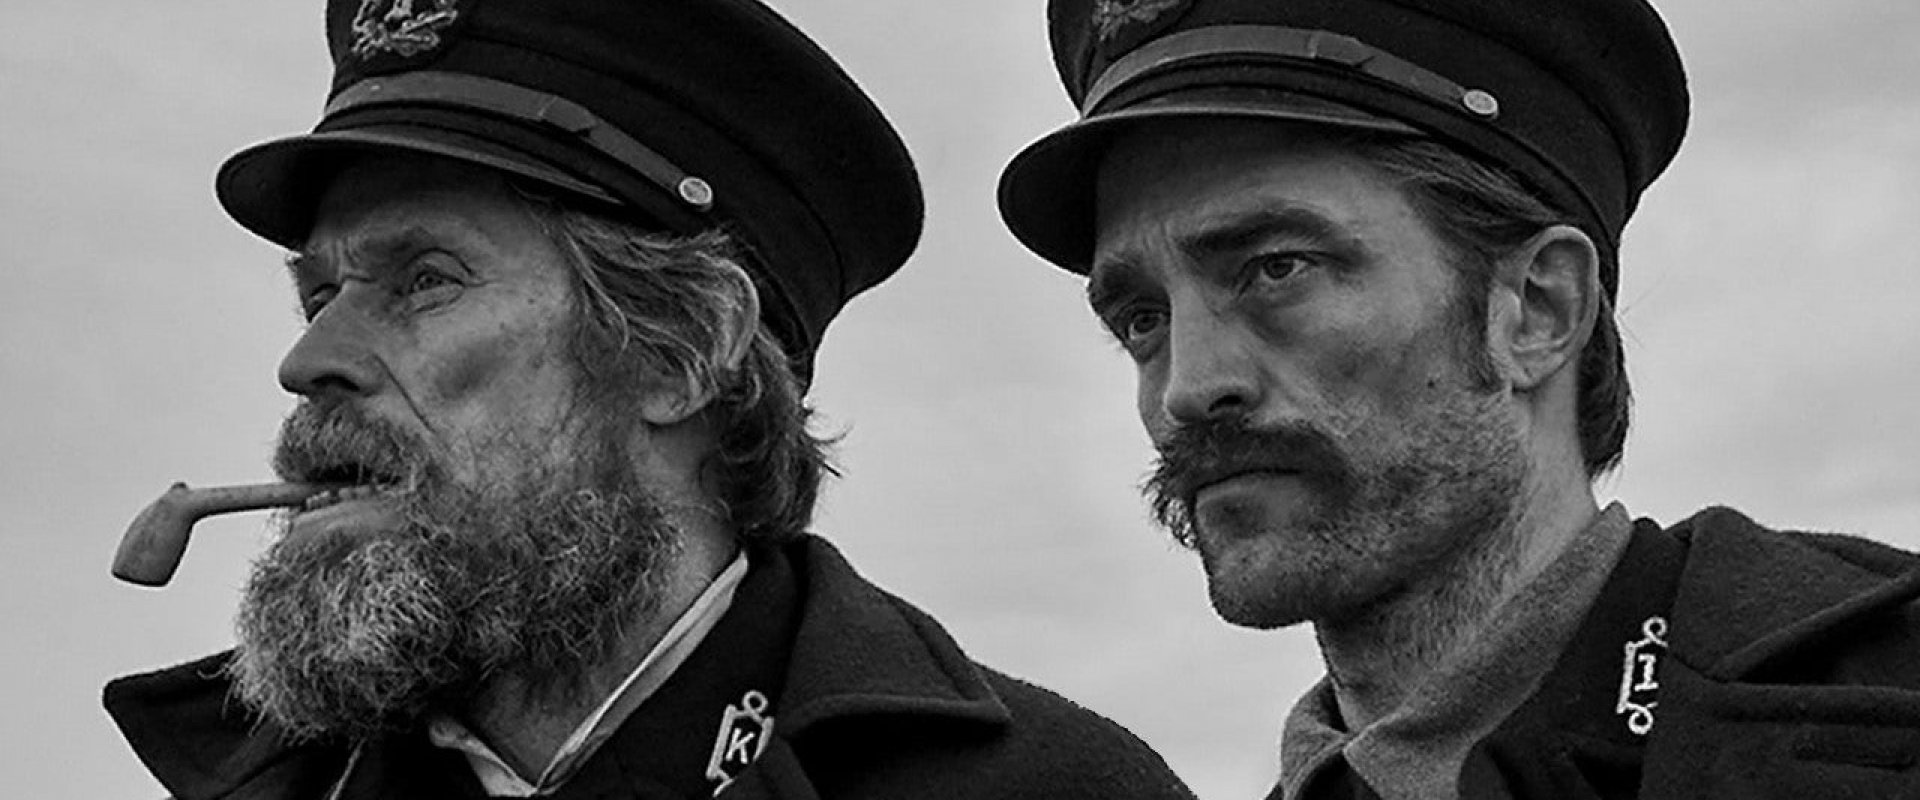 Robert Pattinson competirá en los Óscar 2020 como actor protagónico por The Lighthouse de A24